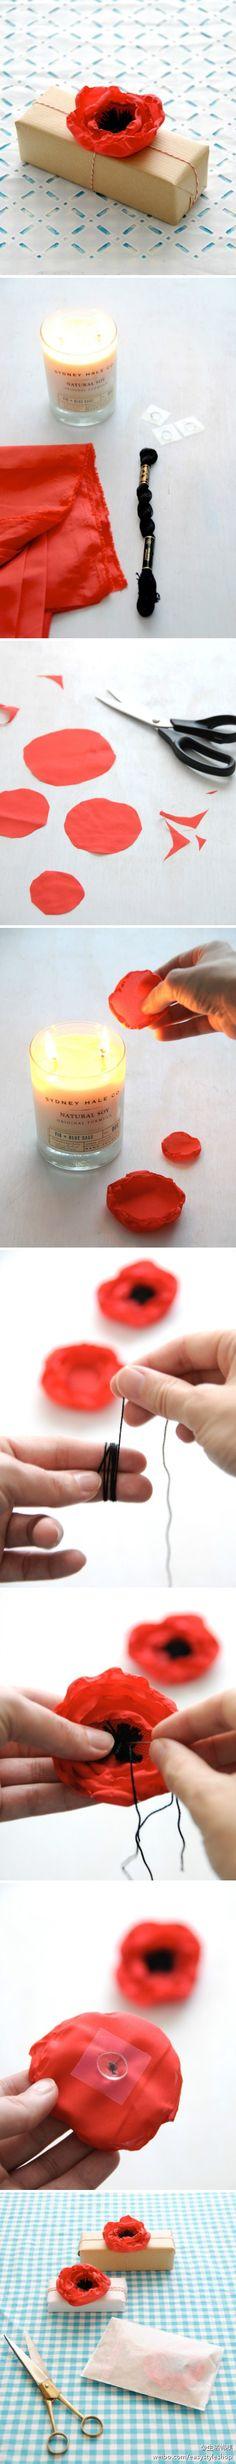 Hacer flores de papel. #flores #flowers vía: http://www.duitang.com/people/mblog/13554802/detail/